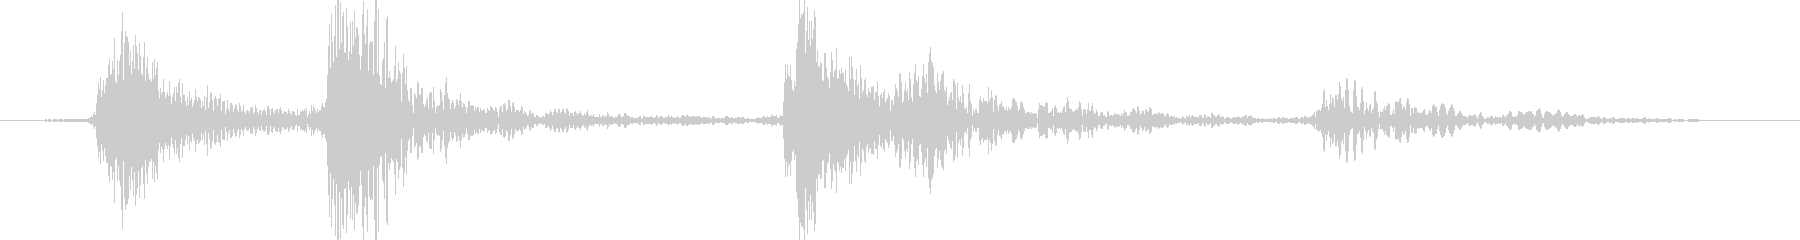 機械音の未再生の波形